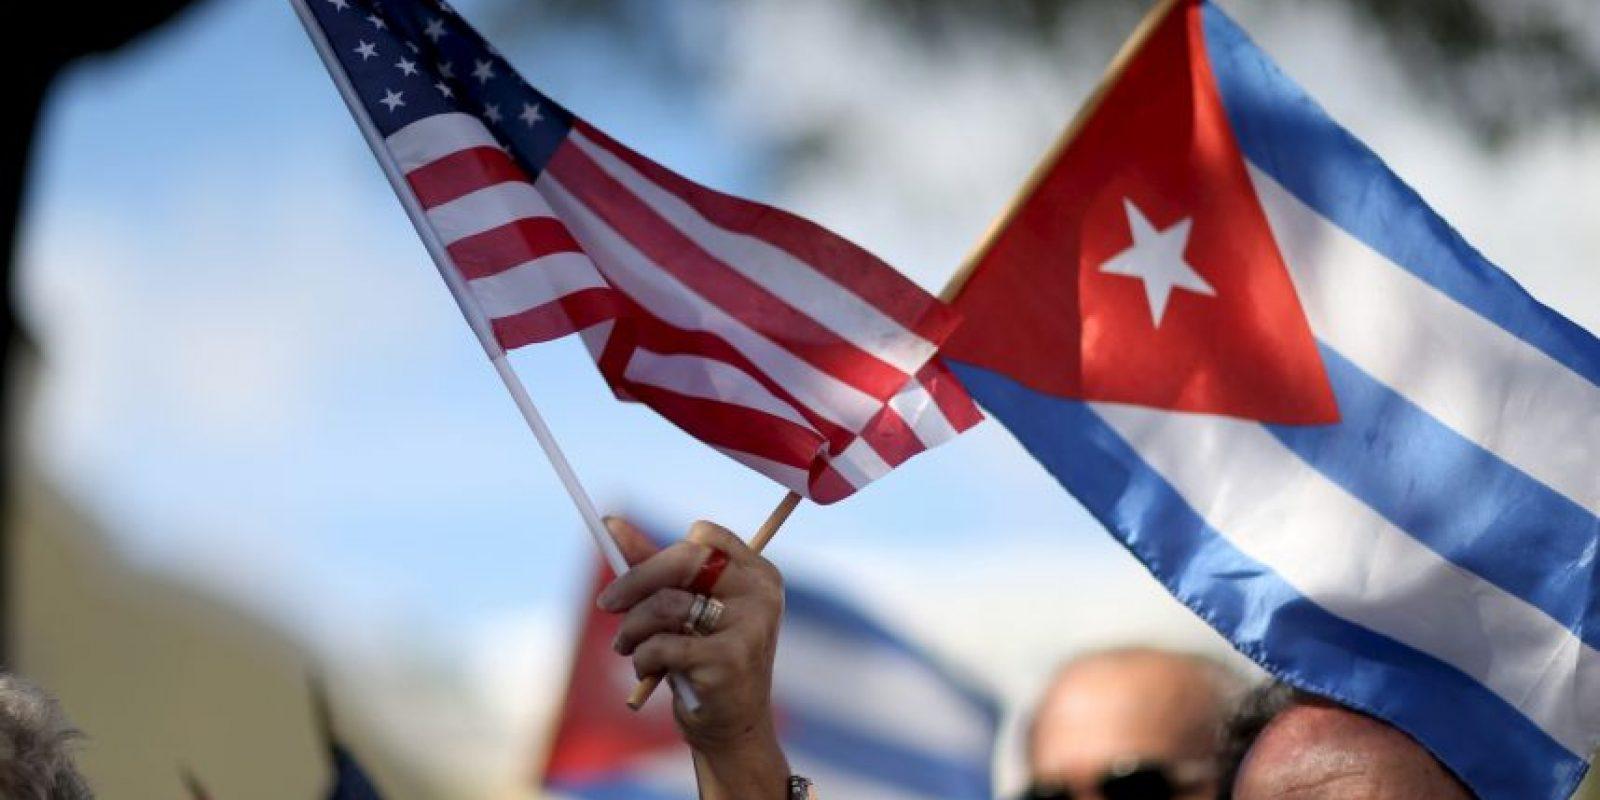 El Congreso estadounidense votó a favor de mantener las restricciones a los ciudadanos que desean viajar a Cuba. Foto:Getty Images